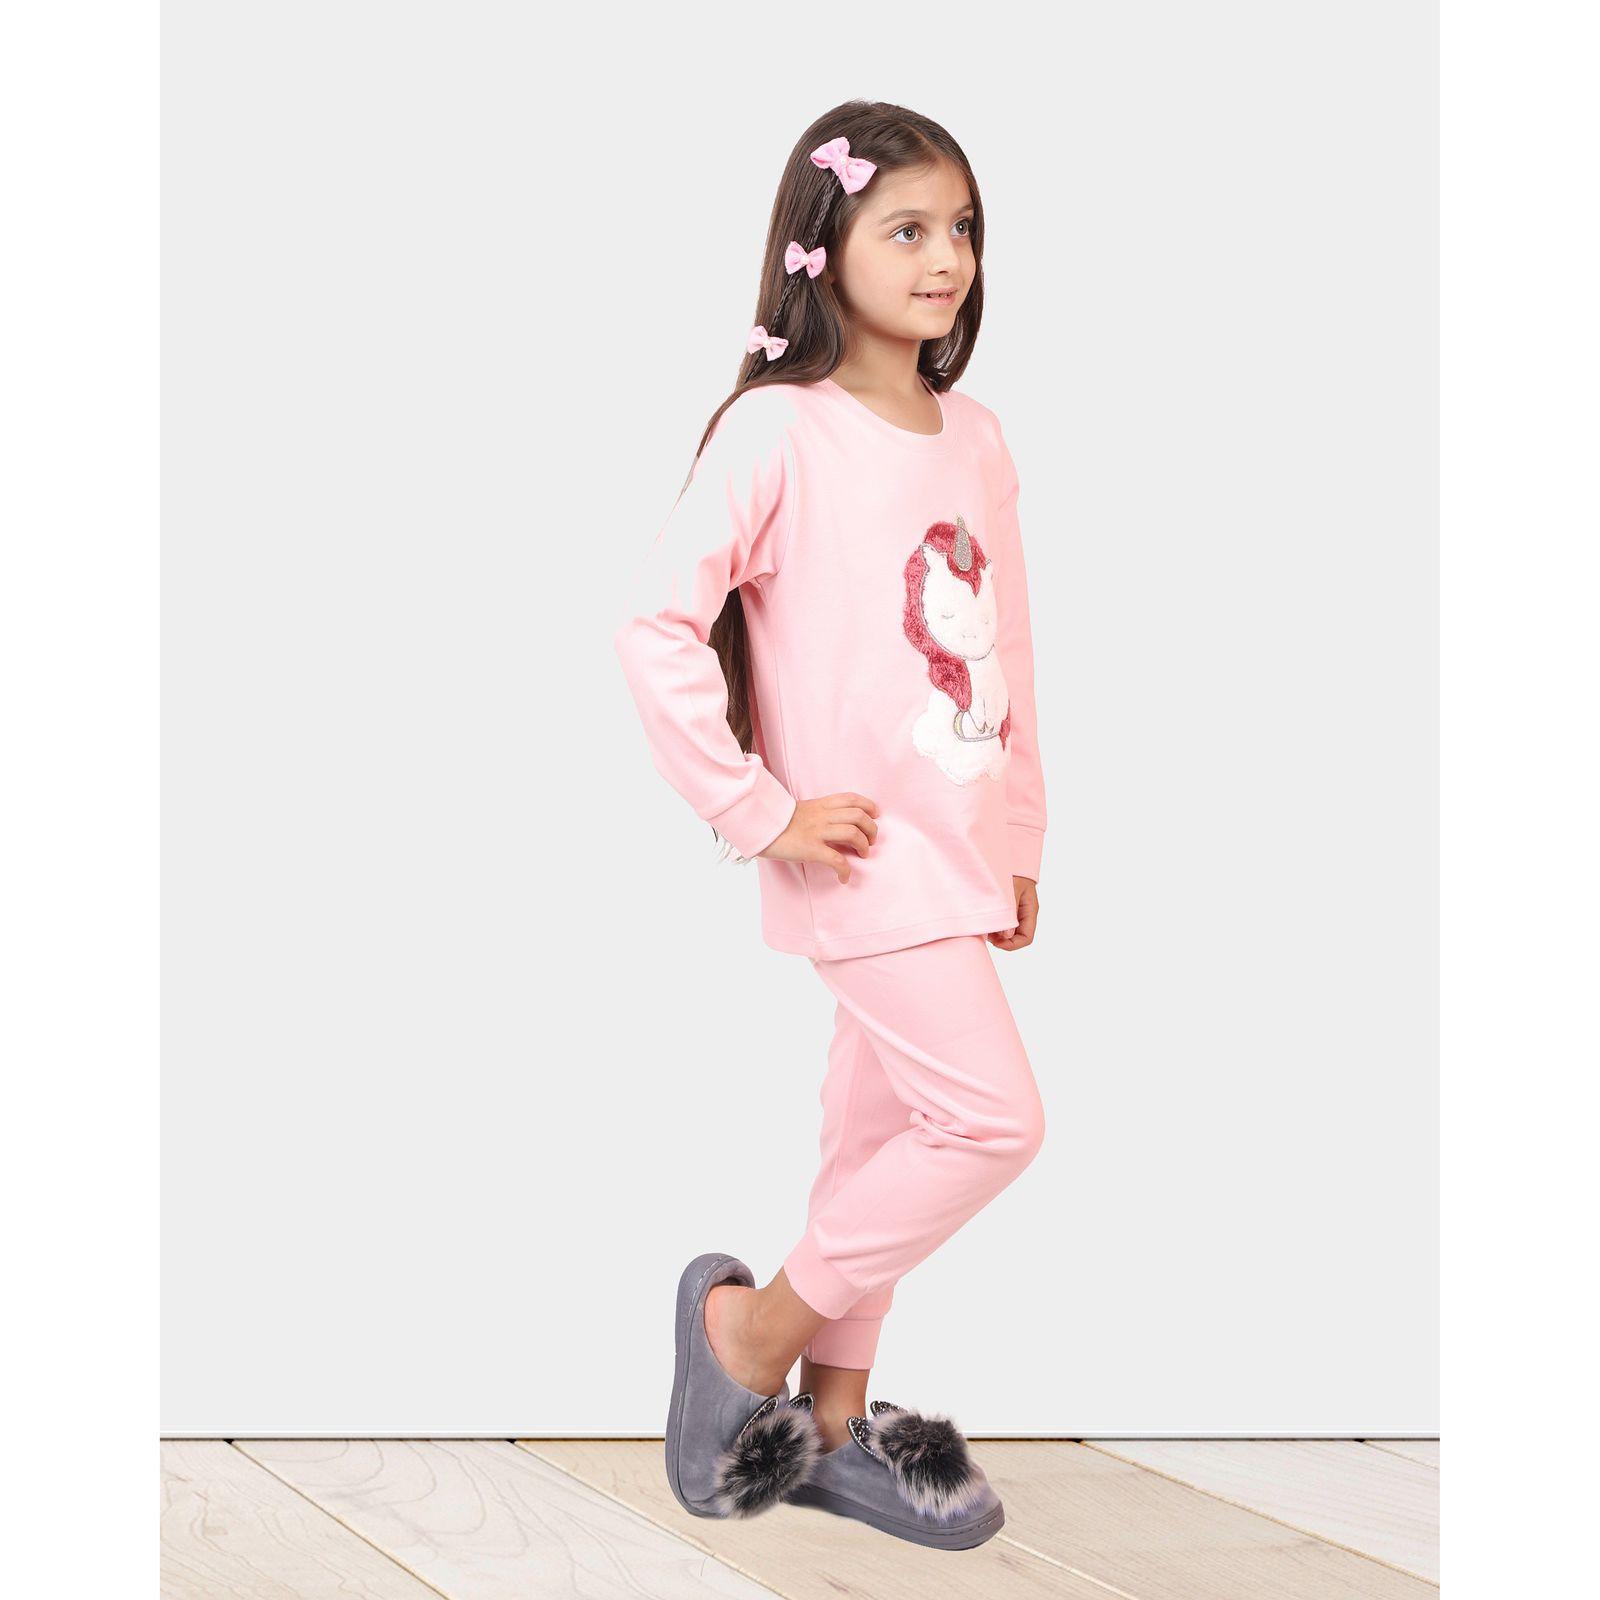 ست تی شرت و شلوار دخترانه مادر مدل 303-84 main 1 11